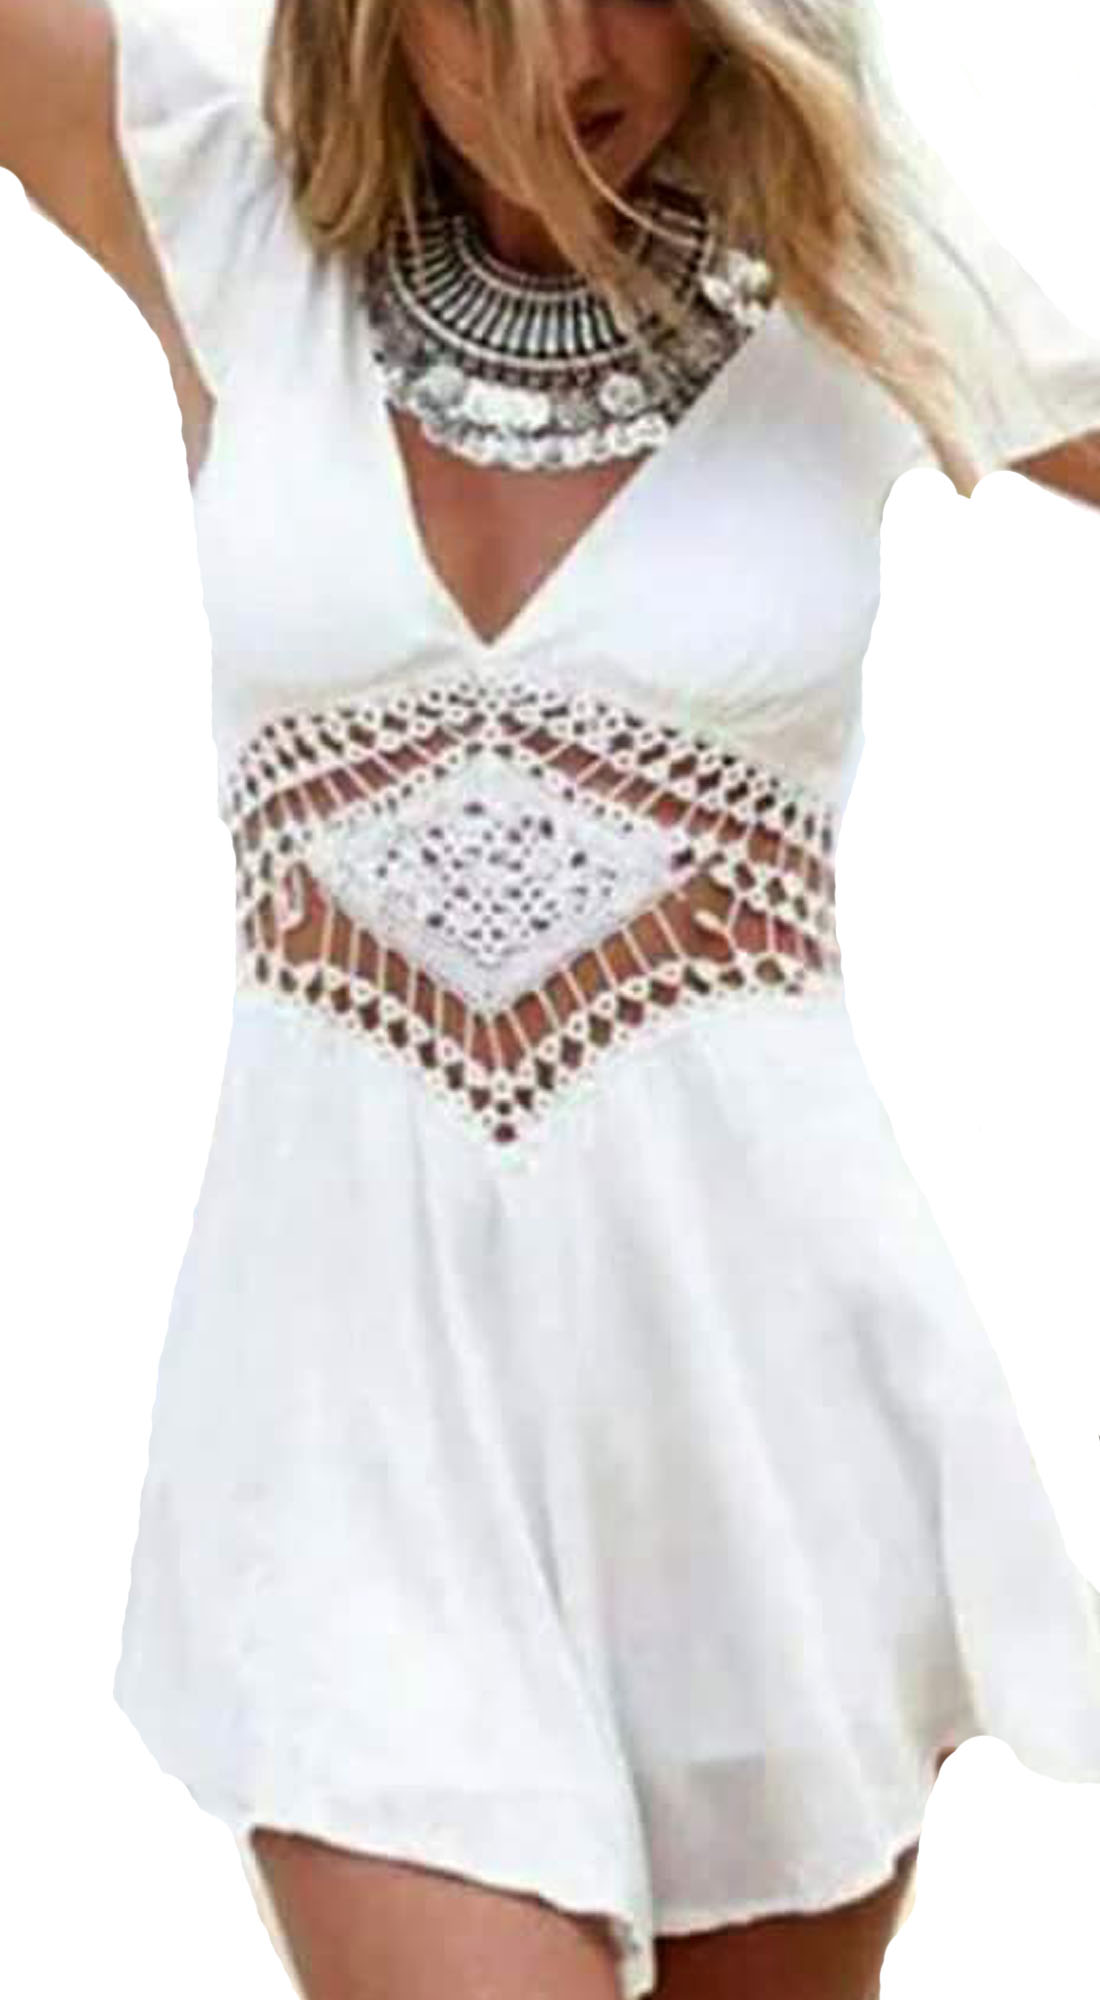 Γυναικείο girly chic Ethnic playsuit με Κοντό Μανίκι - MissReina - SP17SOF-23903 ενδύματα ολόσωμες φόρμες